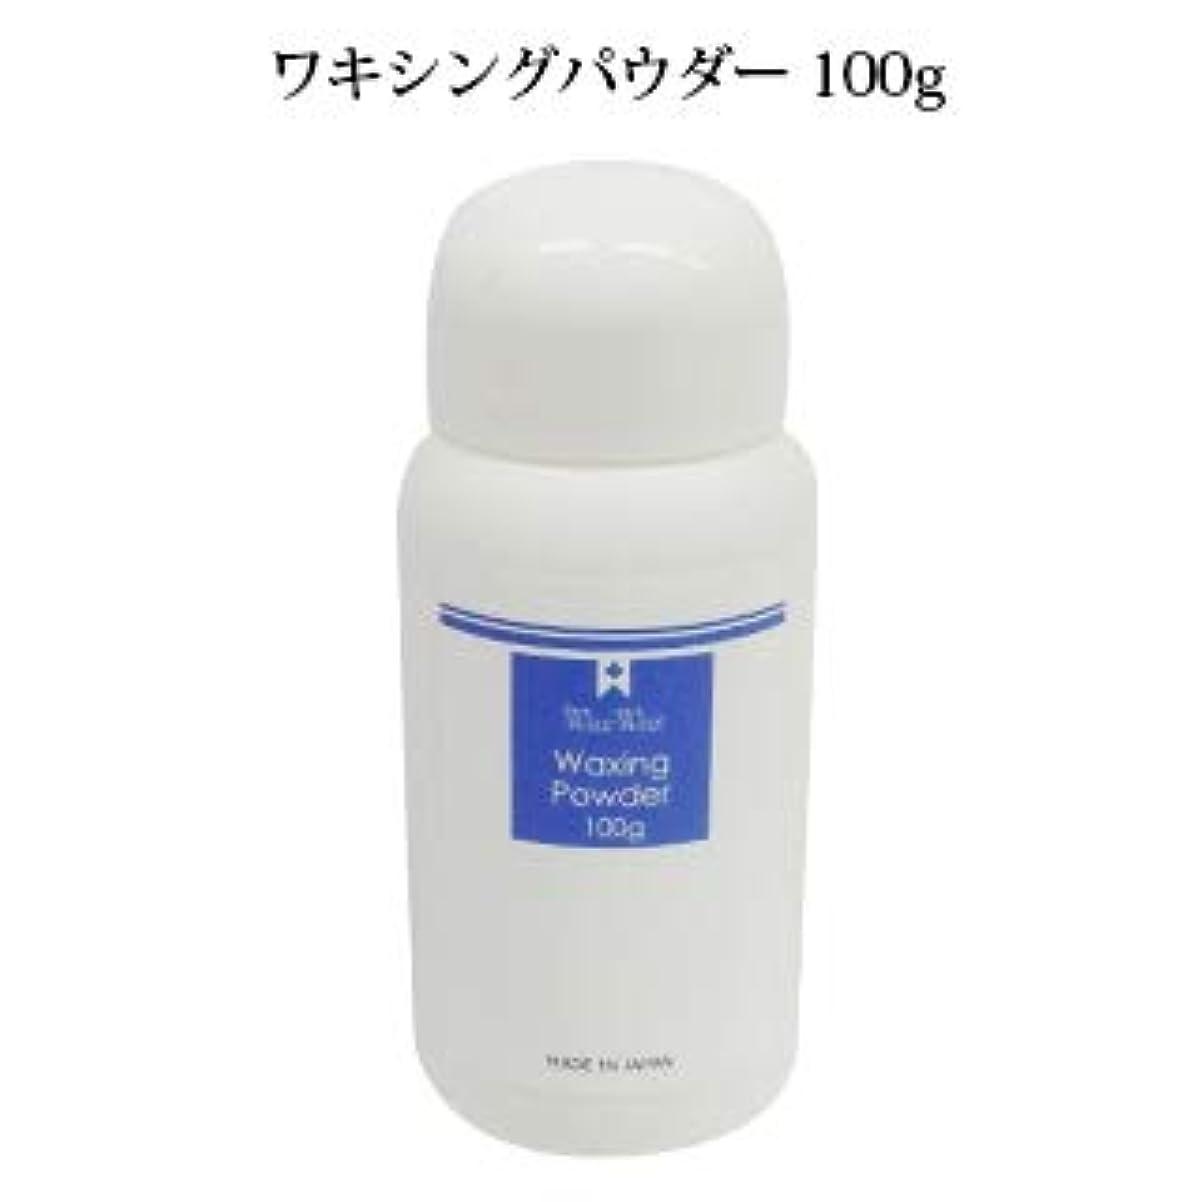 形状エッセンス意志に反するNew ワキシングパウダー 100g ~施術前処理~